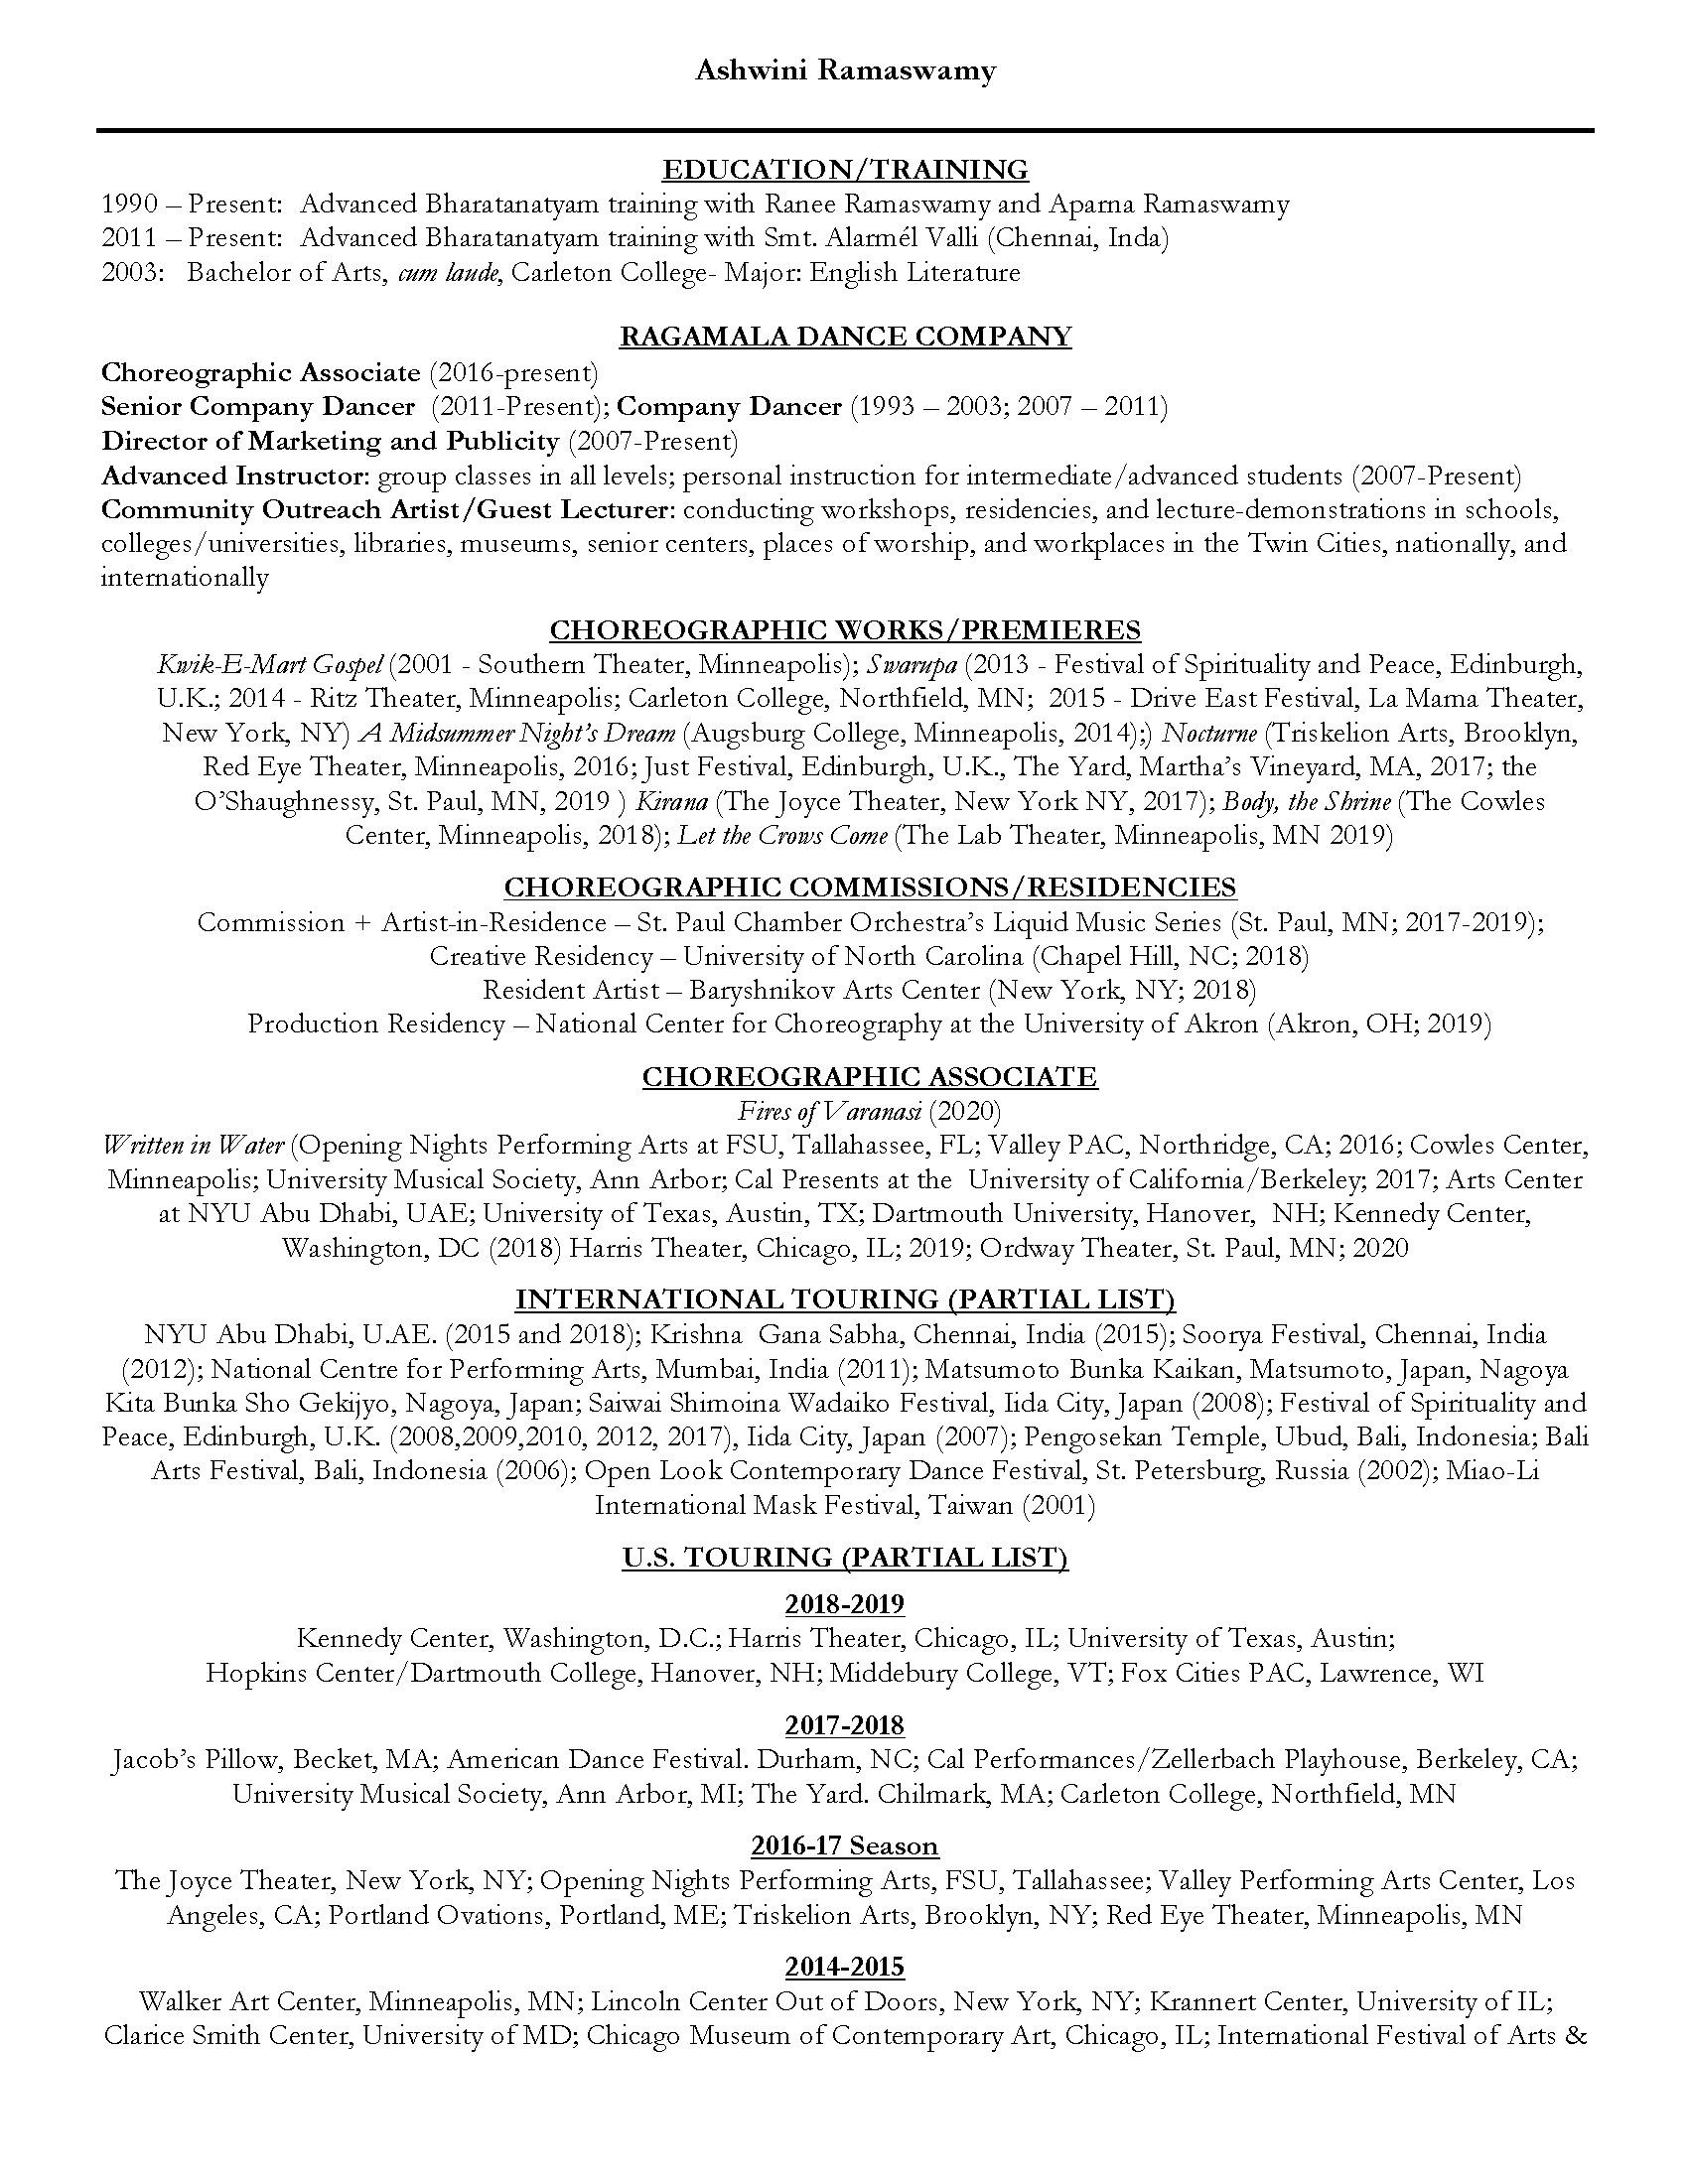 Choreographer Resumes (1)_Page_3.jpg